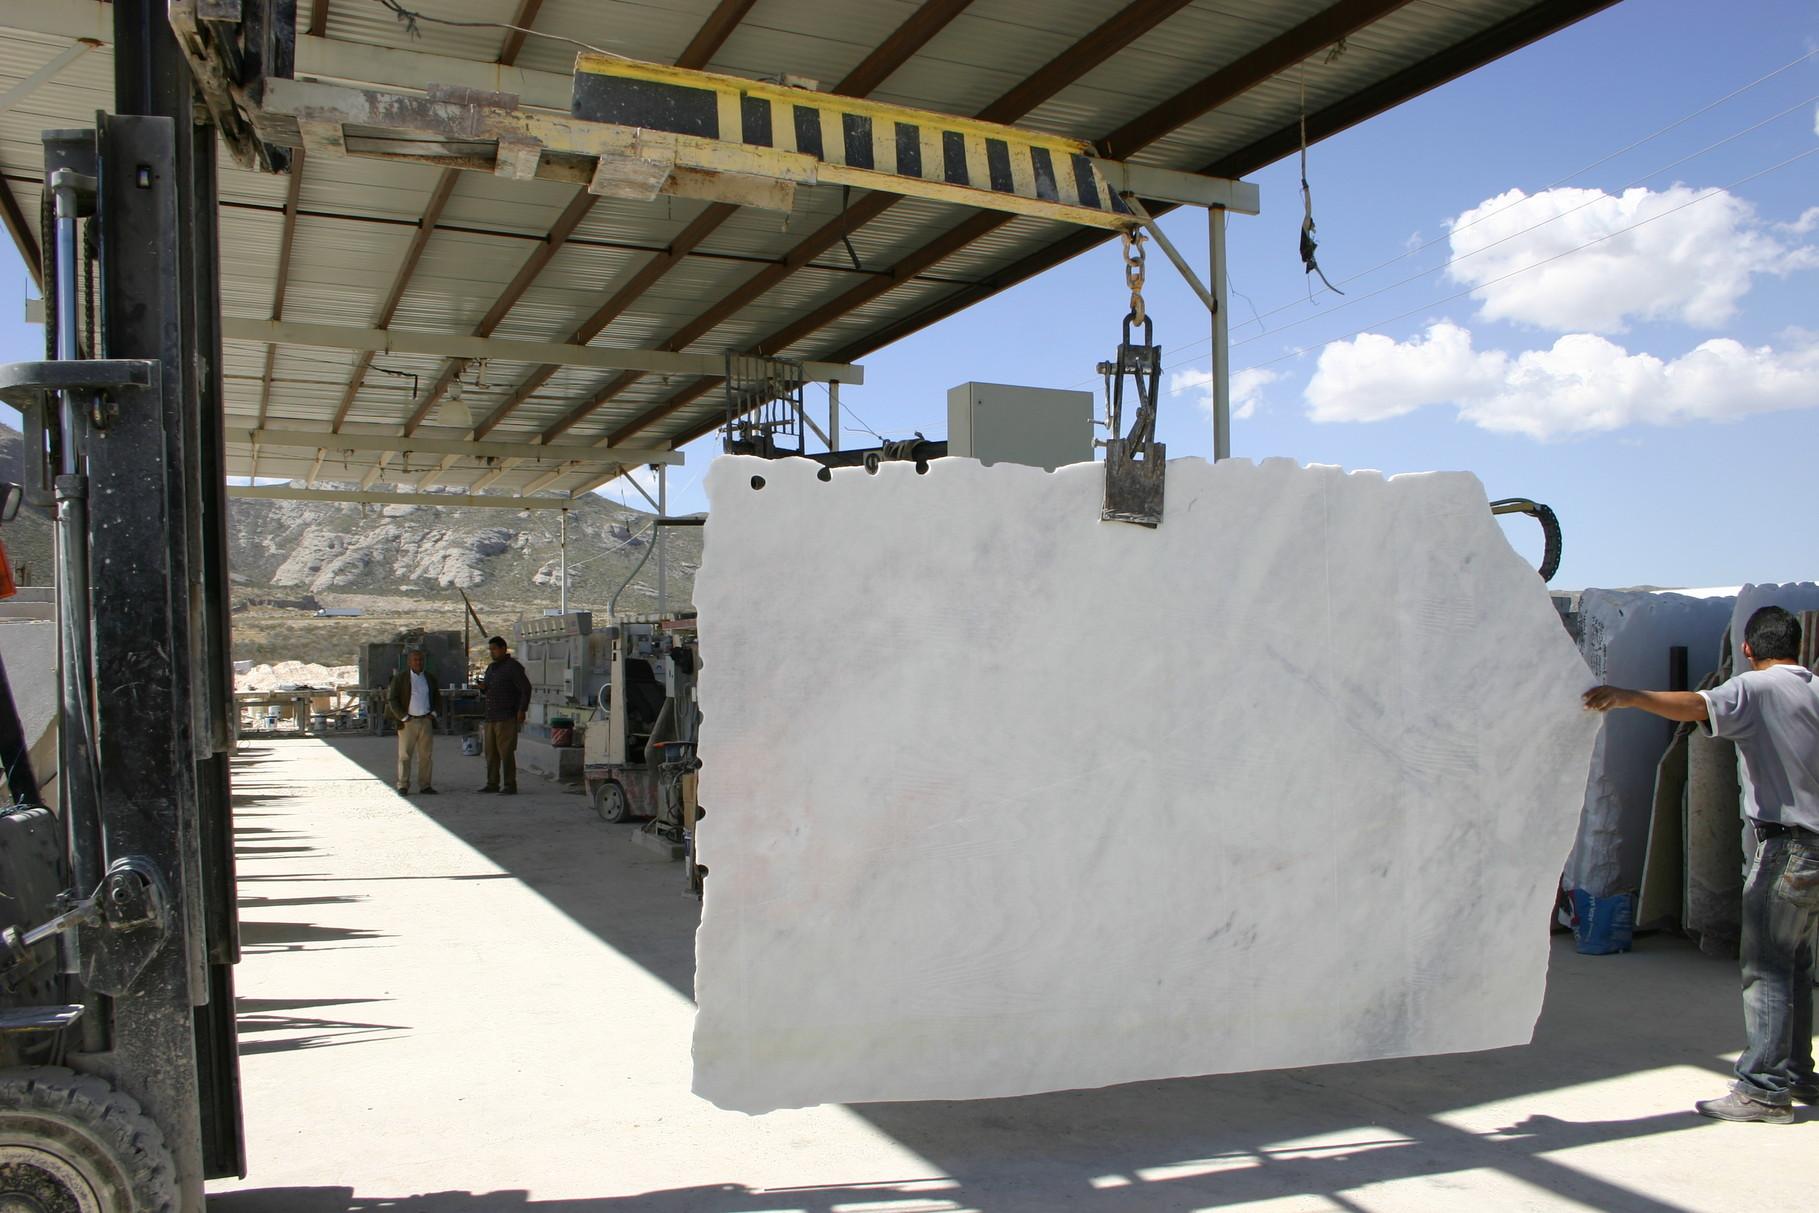 royal white marble slabs, white marble, white carrara marble, carrara white, carrara white marble slabs, white calacatta marble, calacatta white marble, white royal marble, laminas de marmol blanco carrara